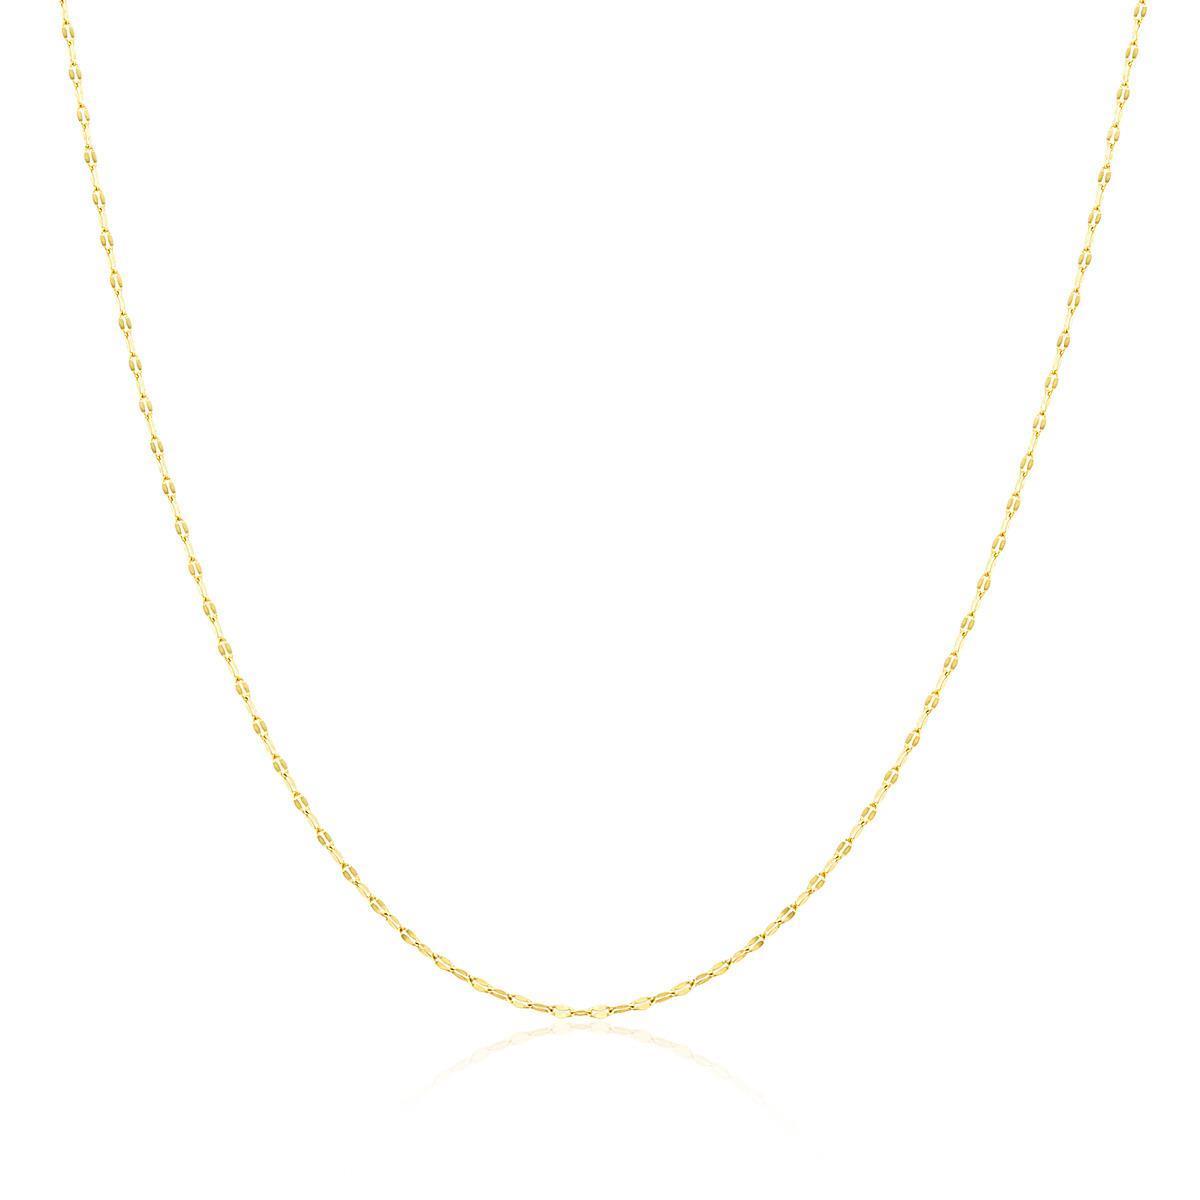 e3f1aceaa59c2 Corrente de ouro Malha Café com 45 cm e 1